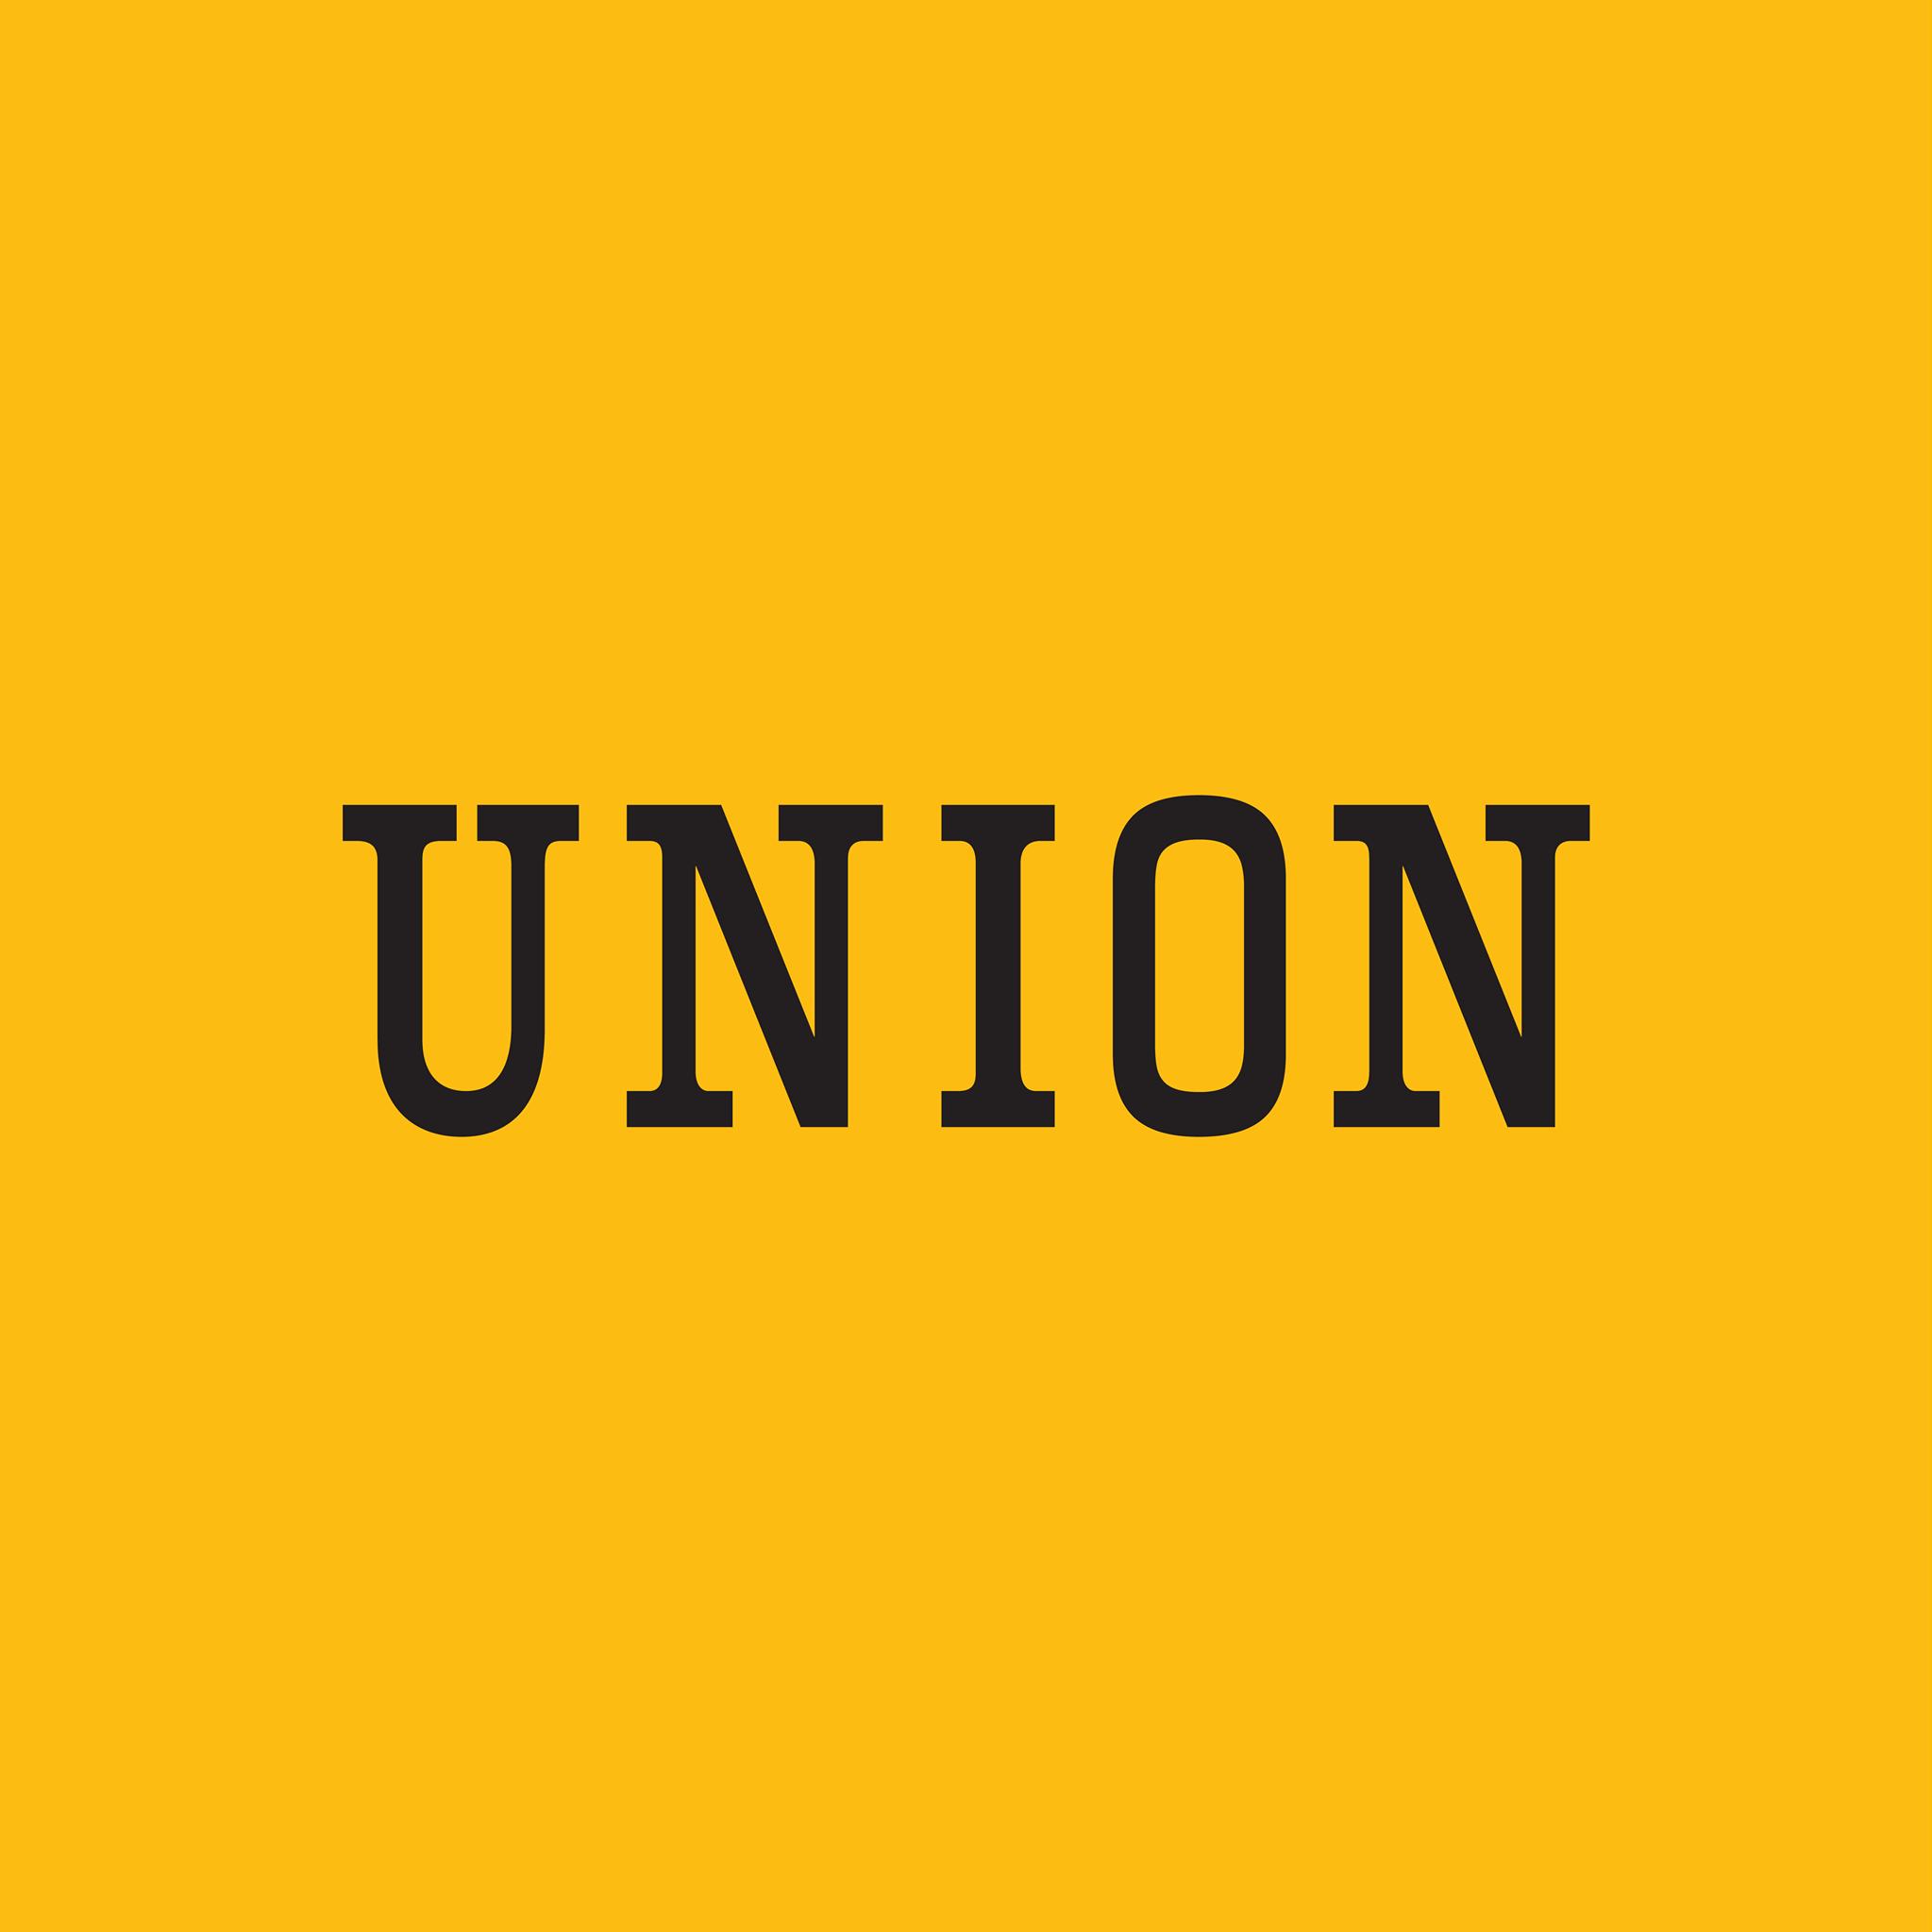 Union Artisan Coffee